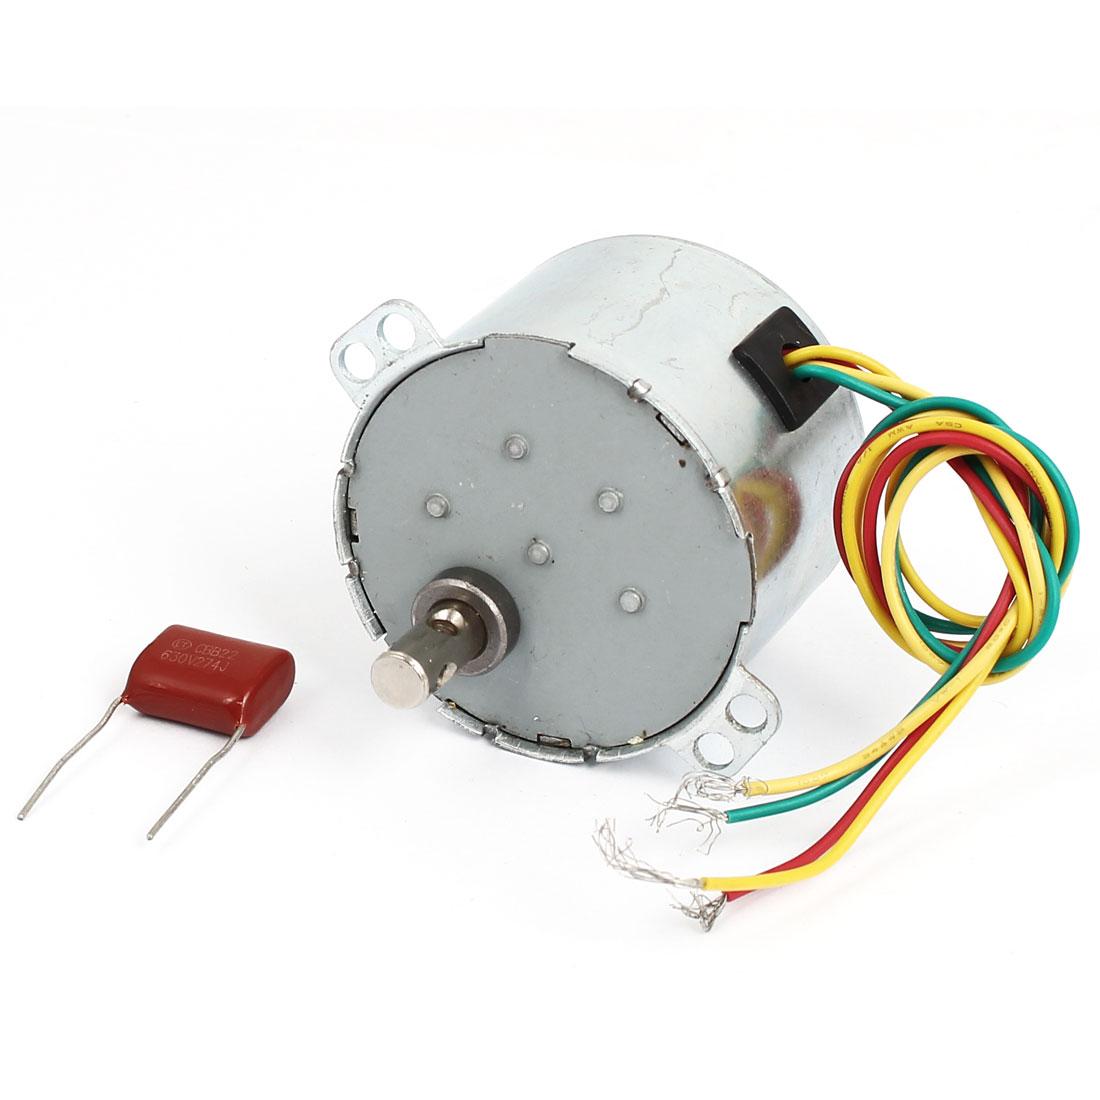 AC 220V 50Hz 6W Watt 1.5RPM Synchronized Reduction Gear Motor w Capacitor